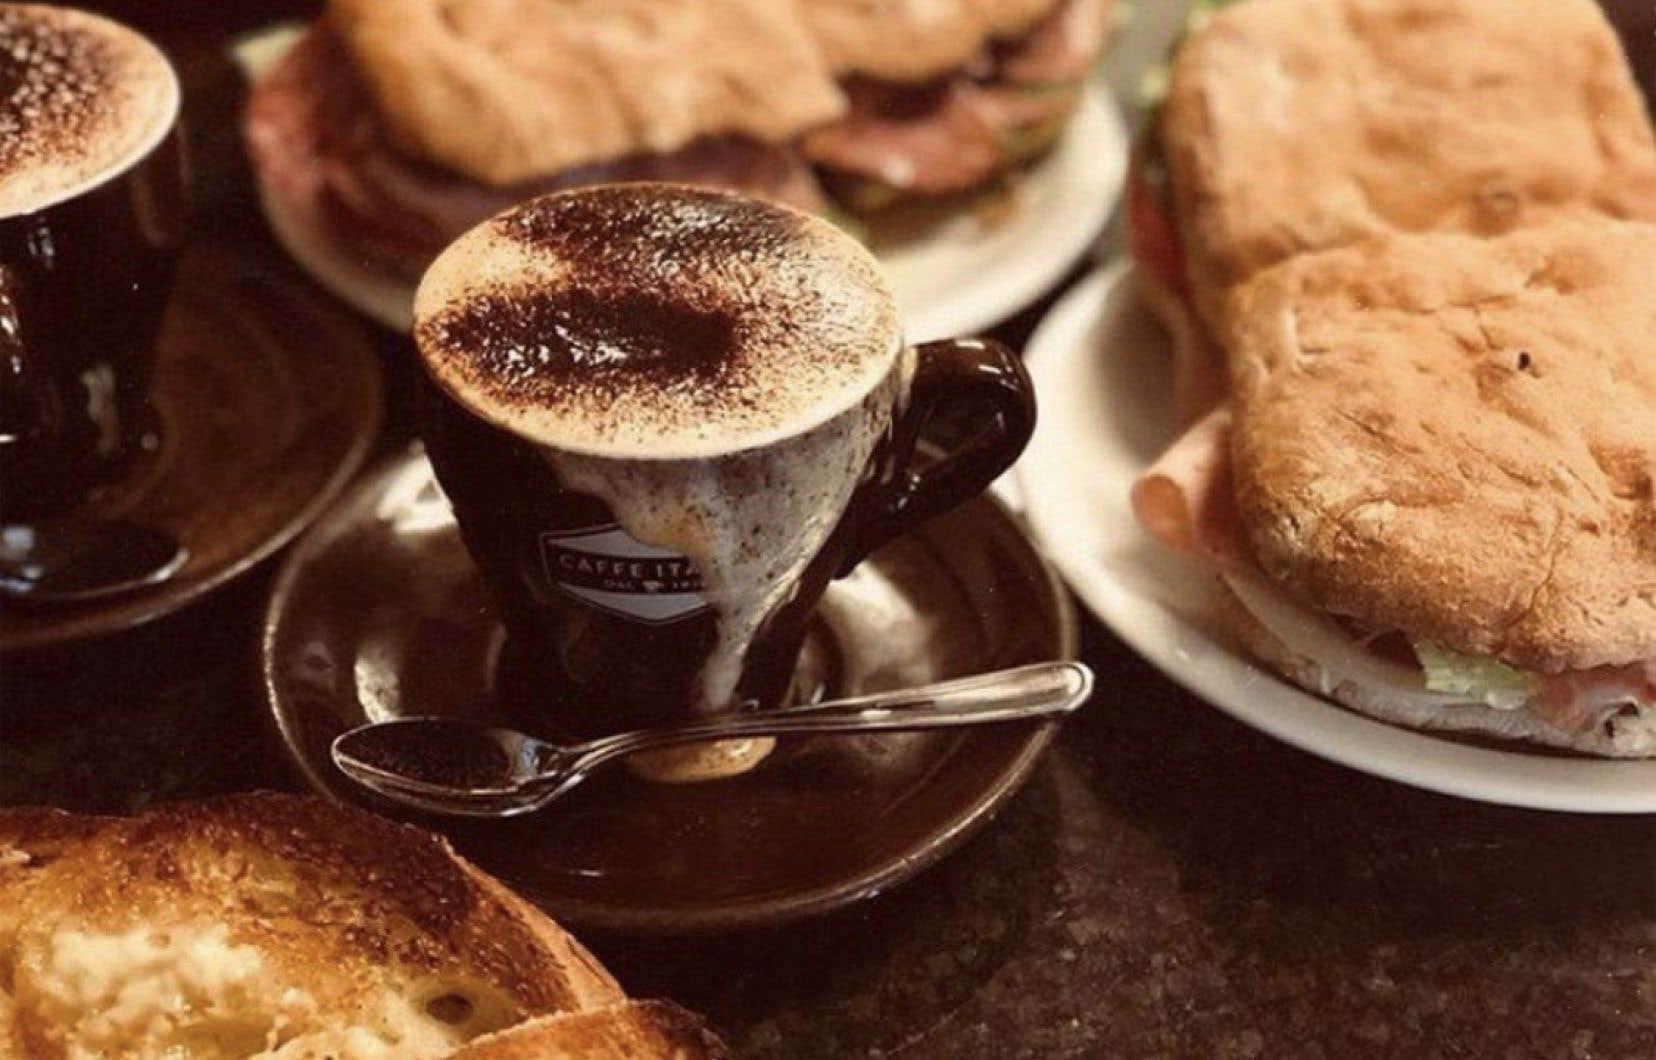 Ouvert depuis 1956, le Caffè Italia doit, selon ses propriétaires, la réputation de son espresso au mélange secret mis au point par son fondateur Bruno Barsetti.